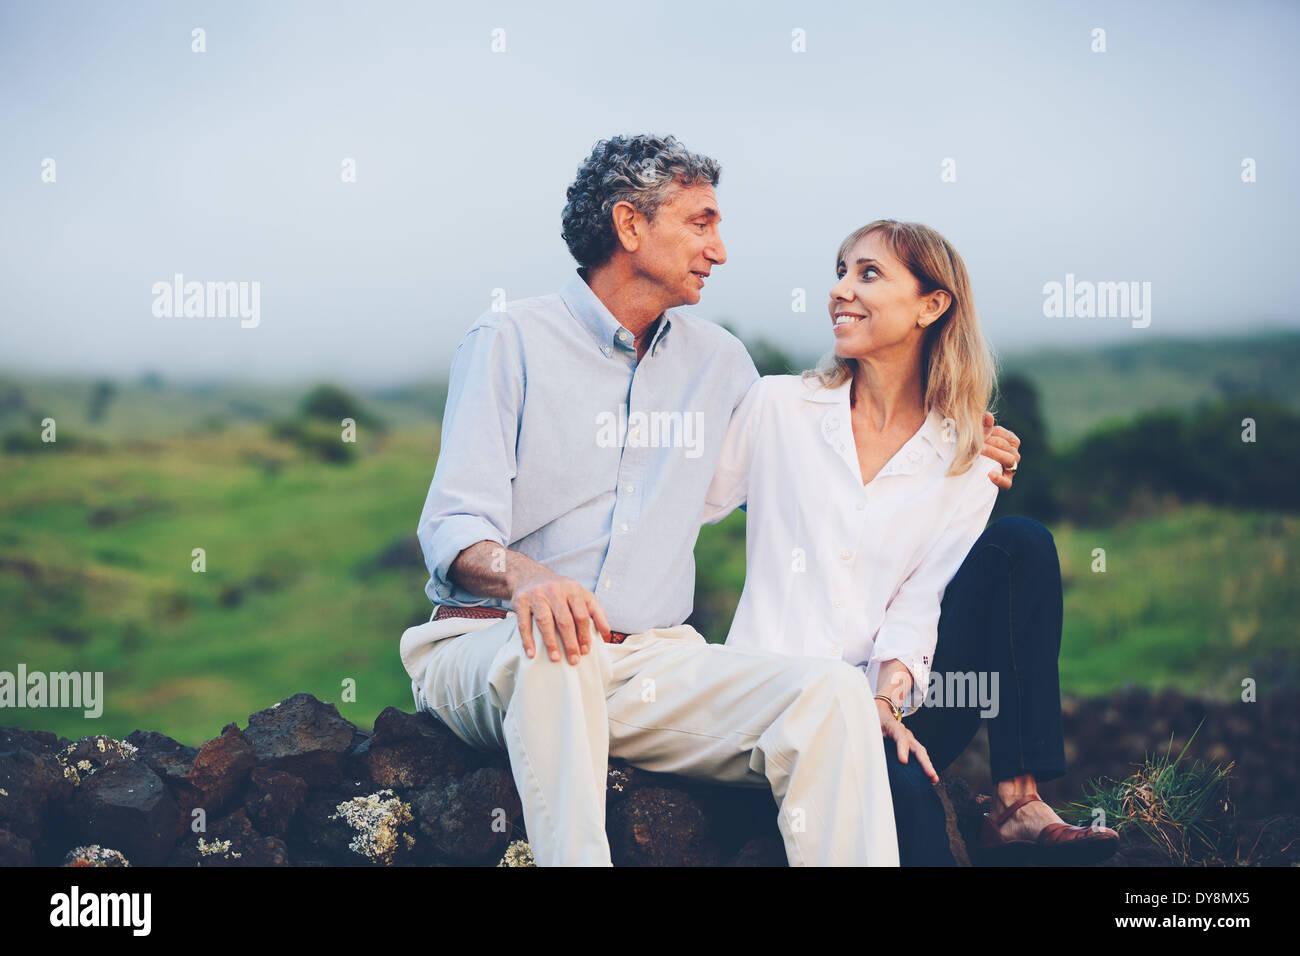 Glücklich liebende Mitte paar im Alter von Stockbild